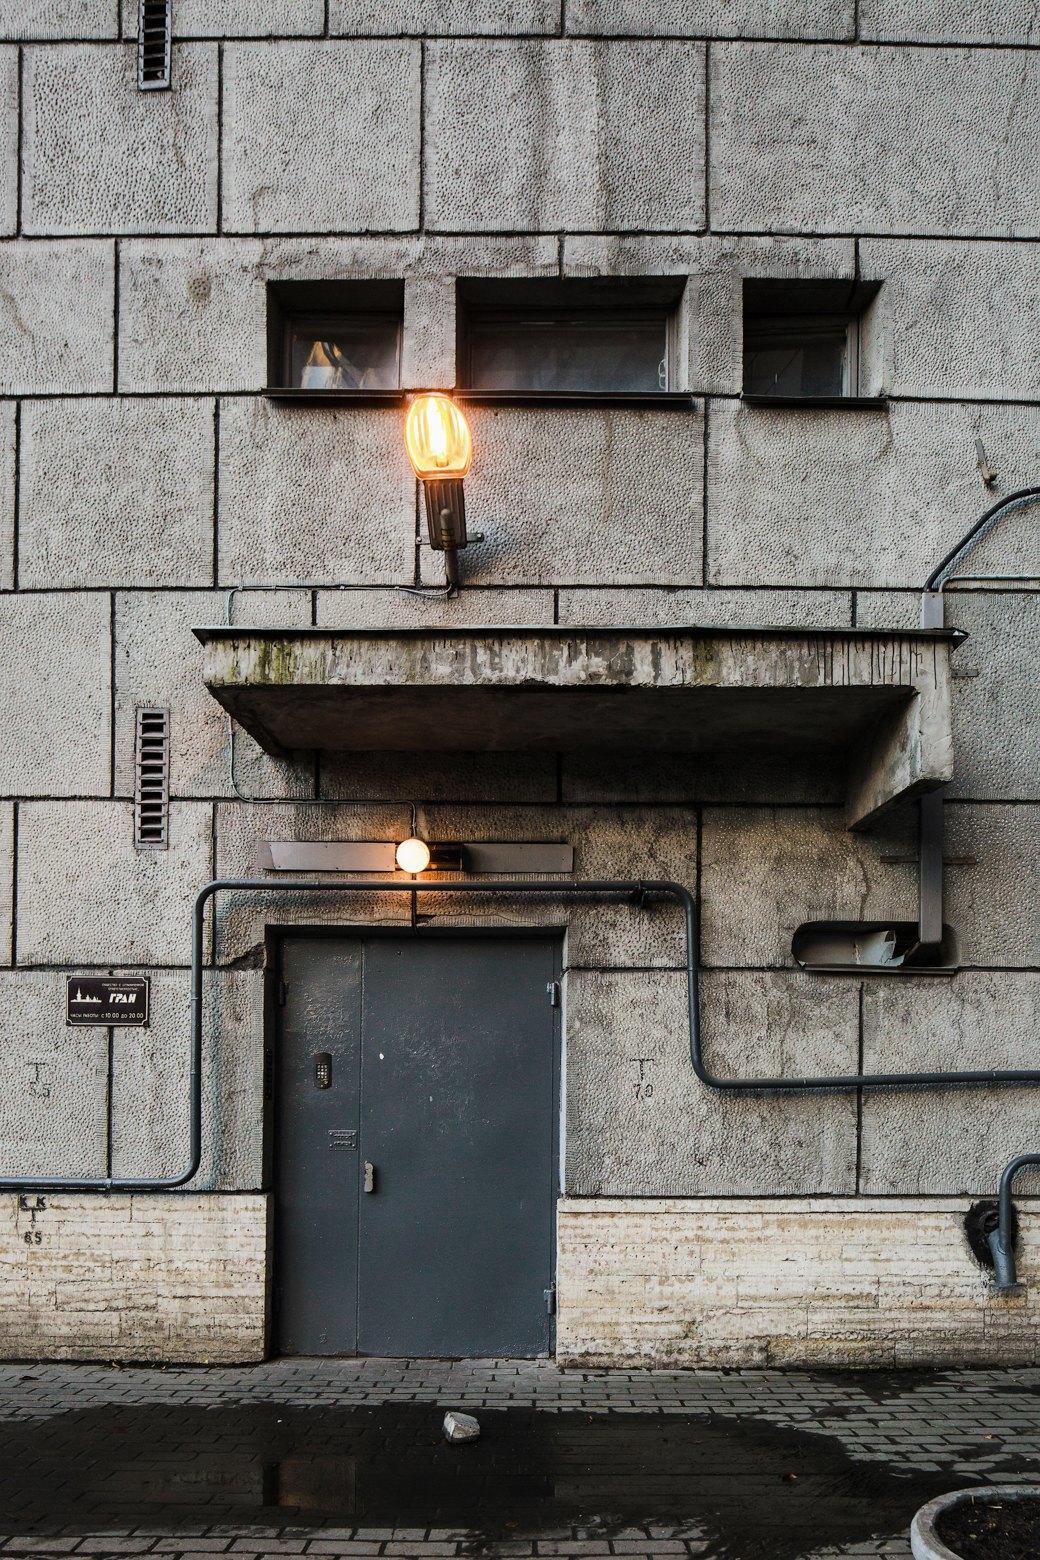 Яживу вдоме Ленсовета наКарповке (Петербург). Изображение № 10.